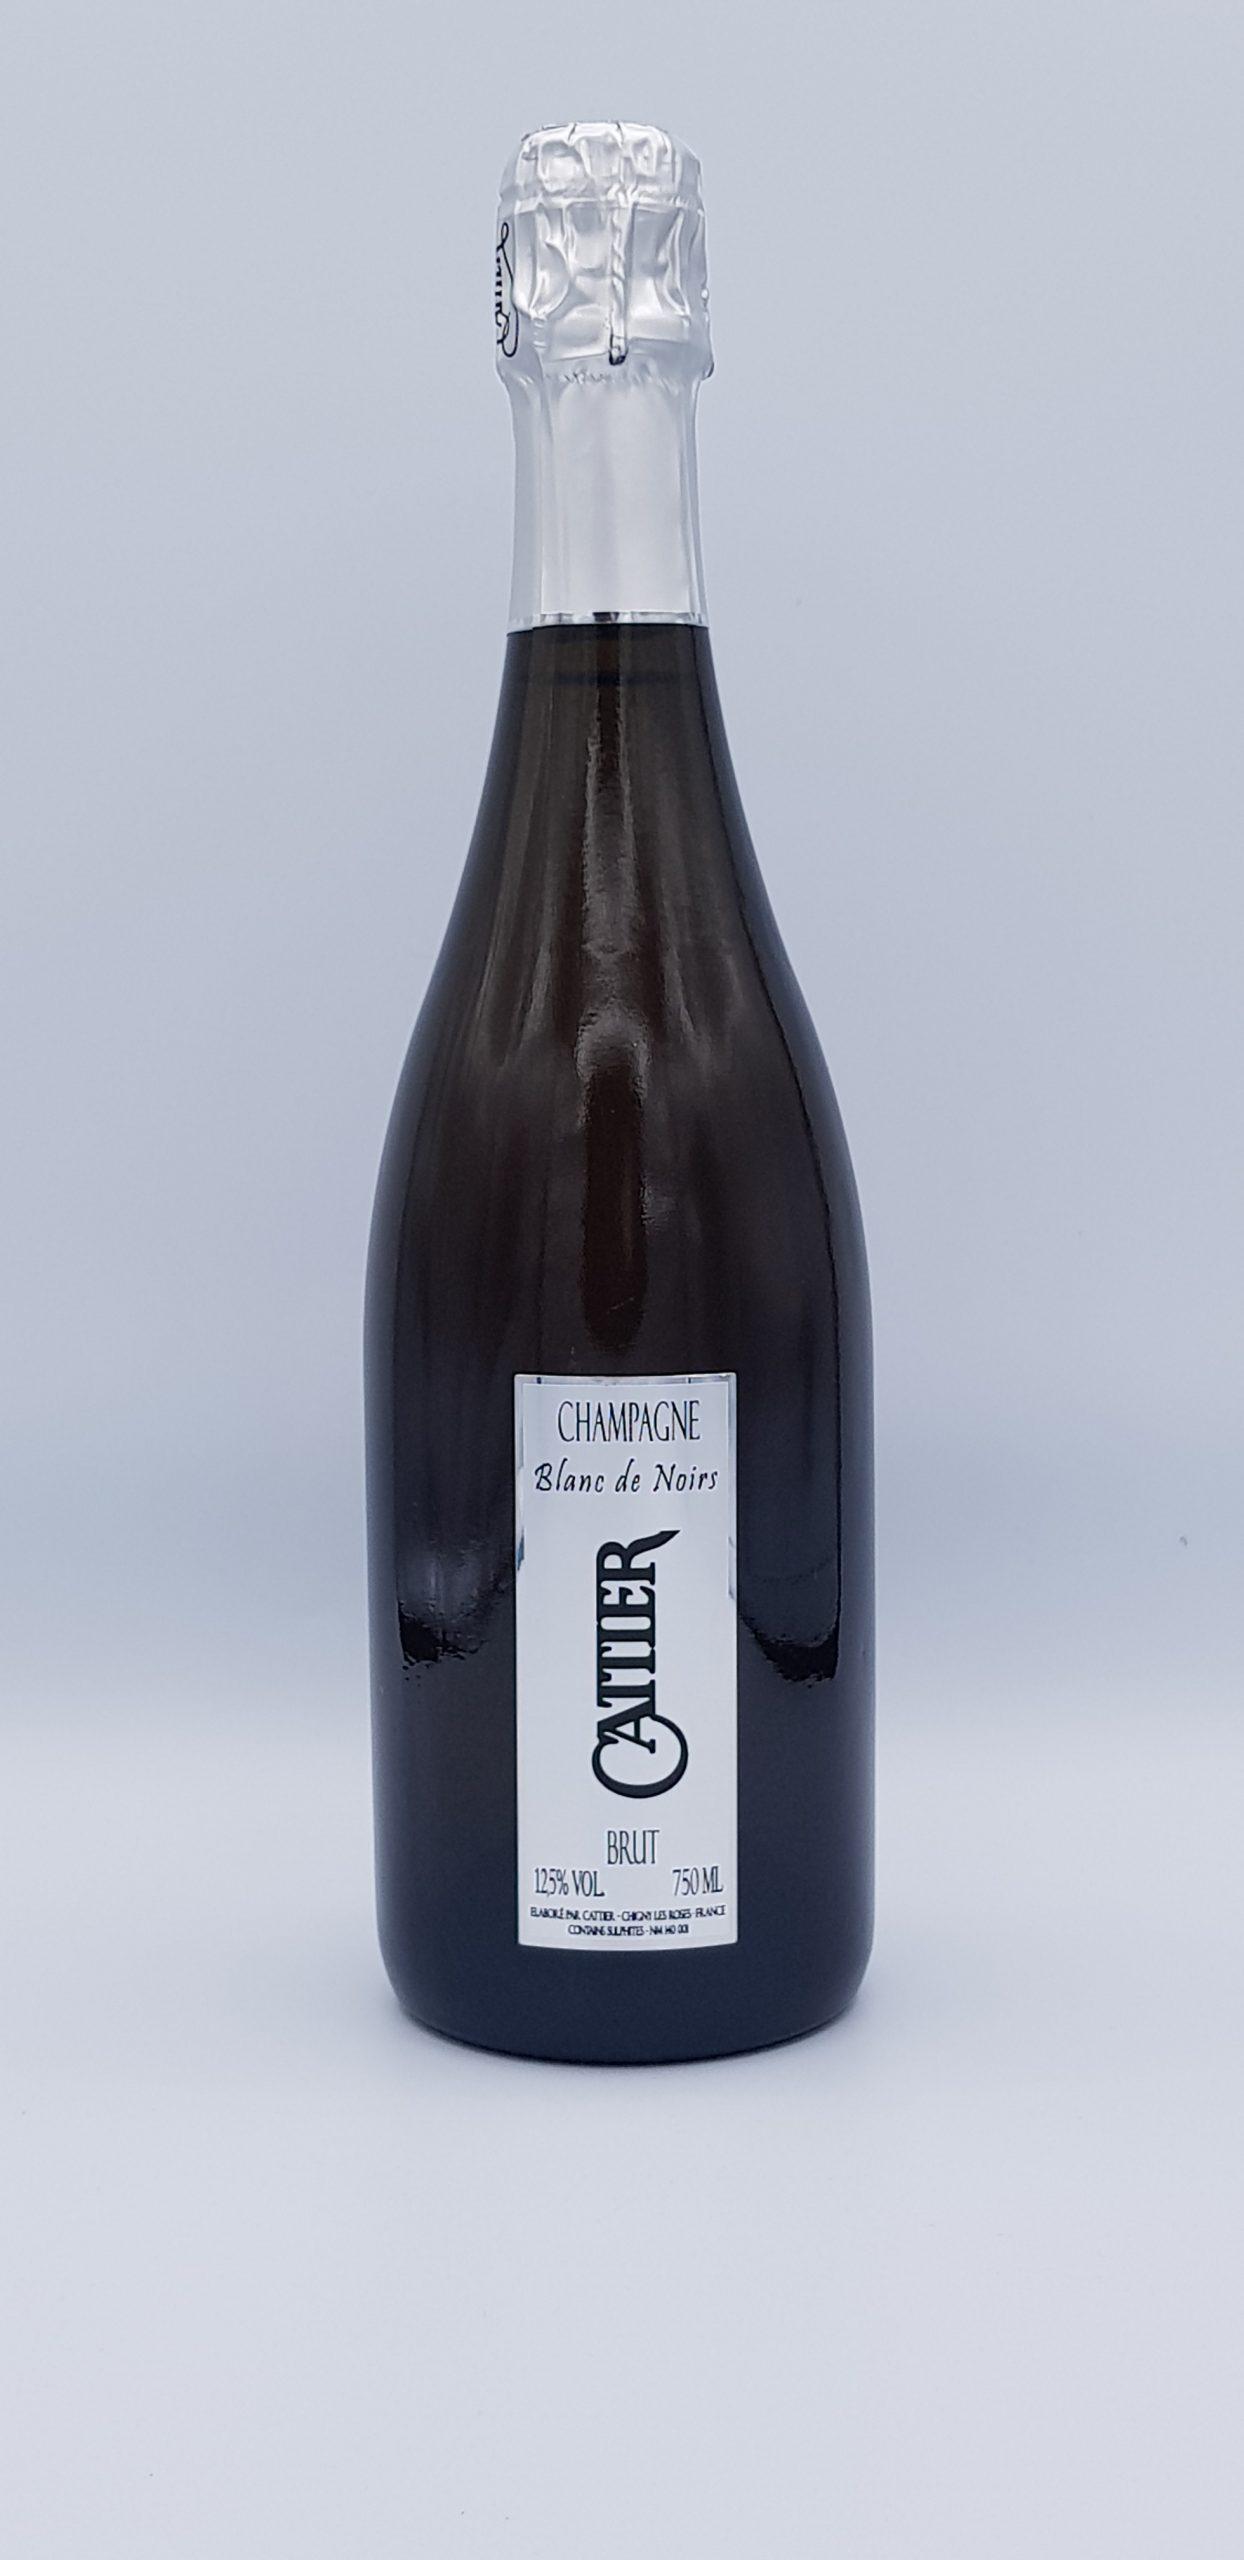 Champagne Cattier Brut Blanc De Noir